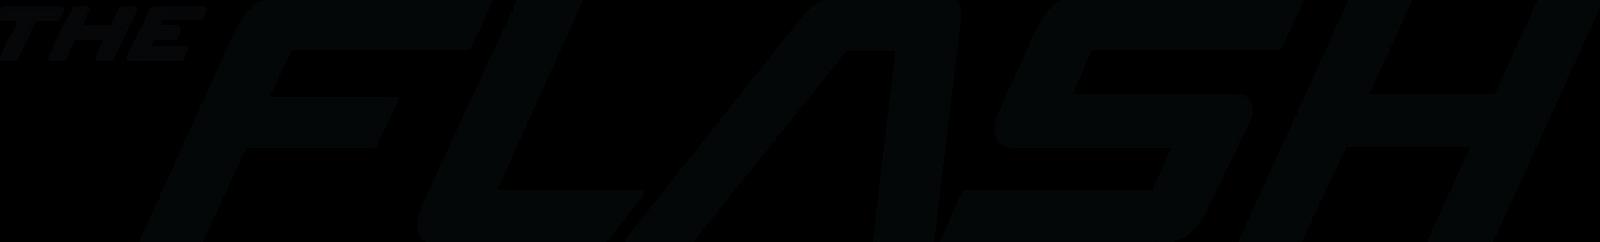 The Flash Logo by Drewbee87 on DeviantArt